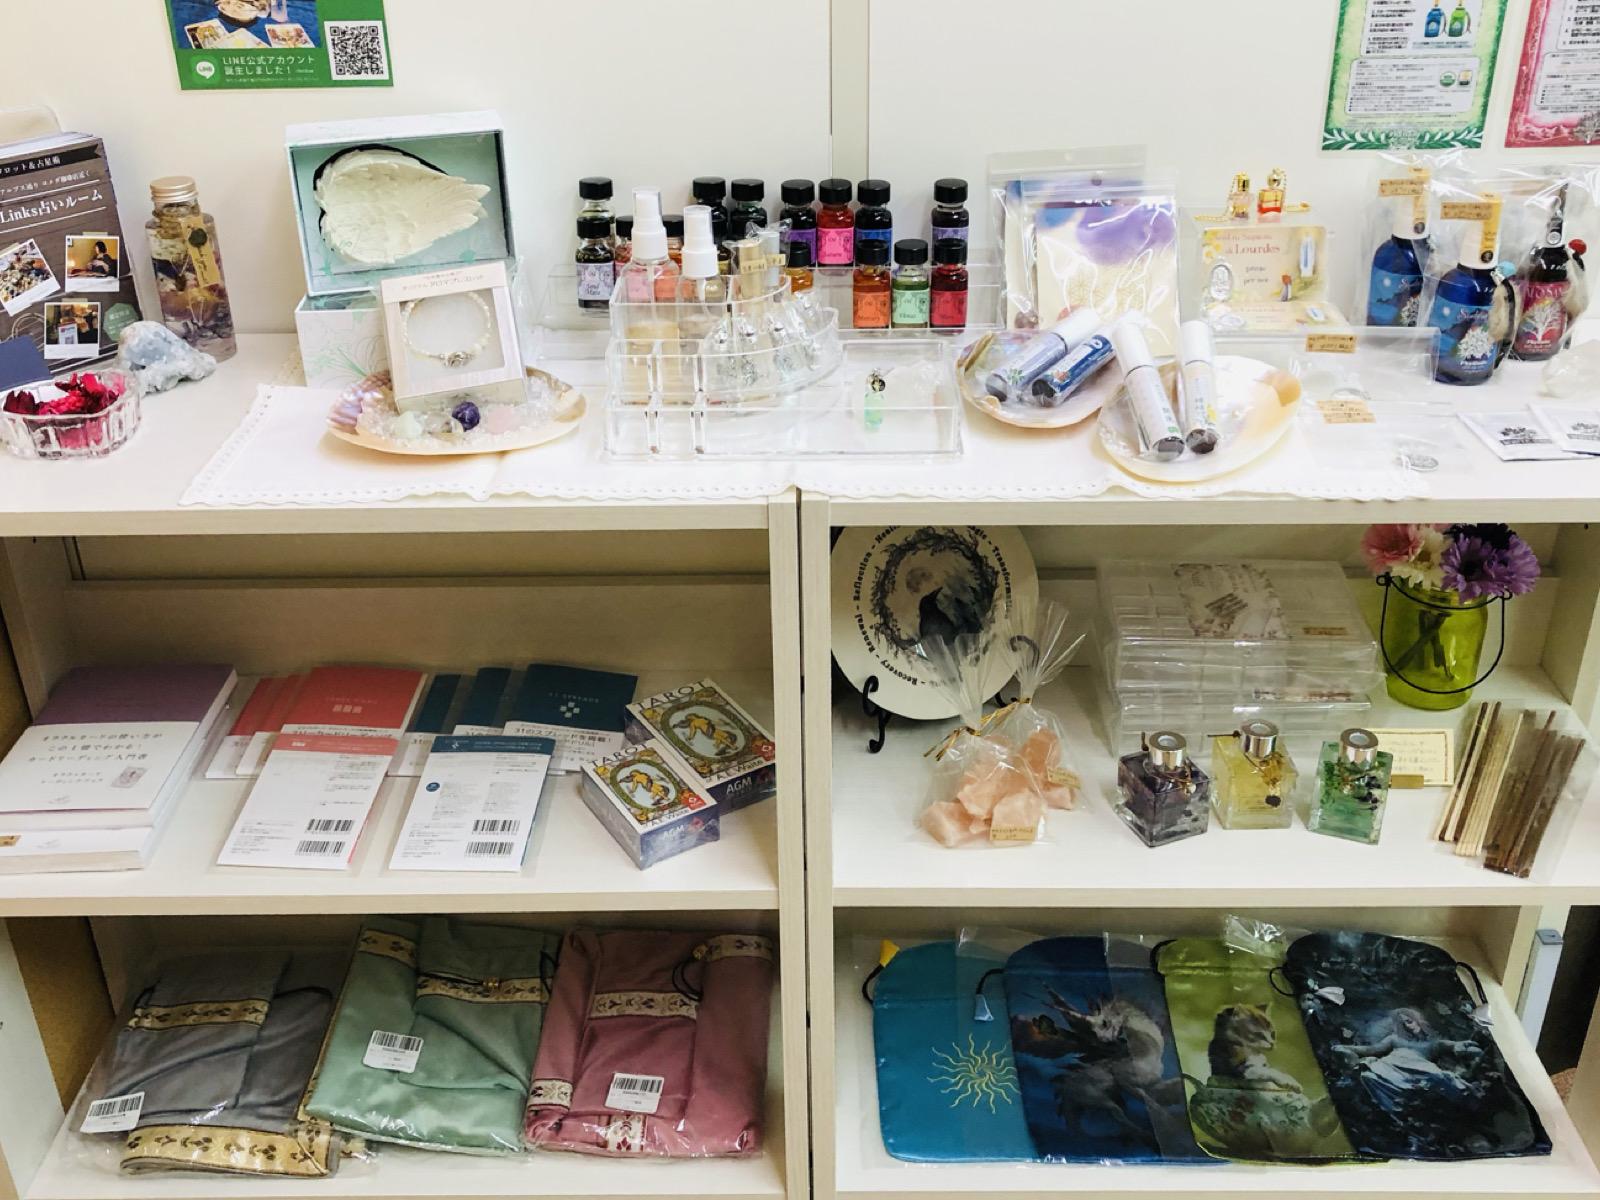 占い道具とヒーリング雑貨の陳列棚